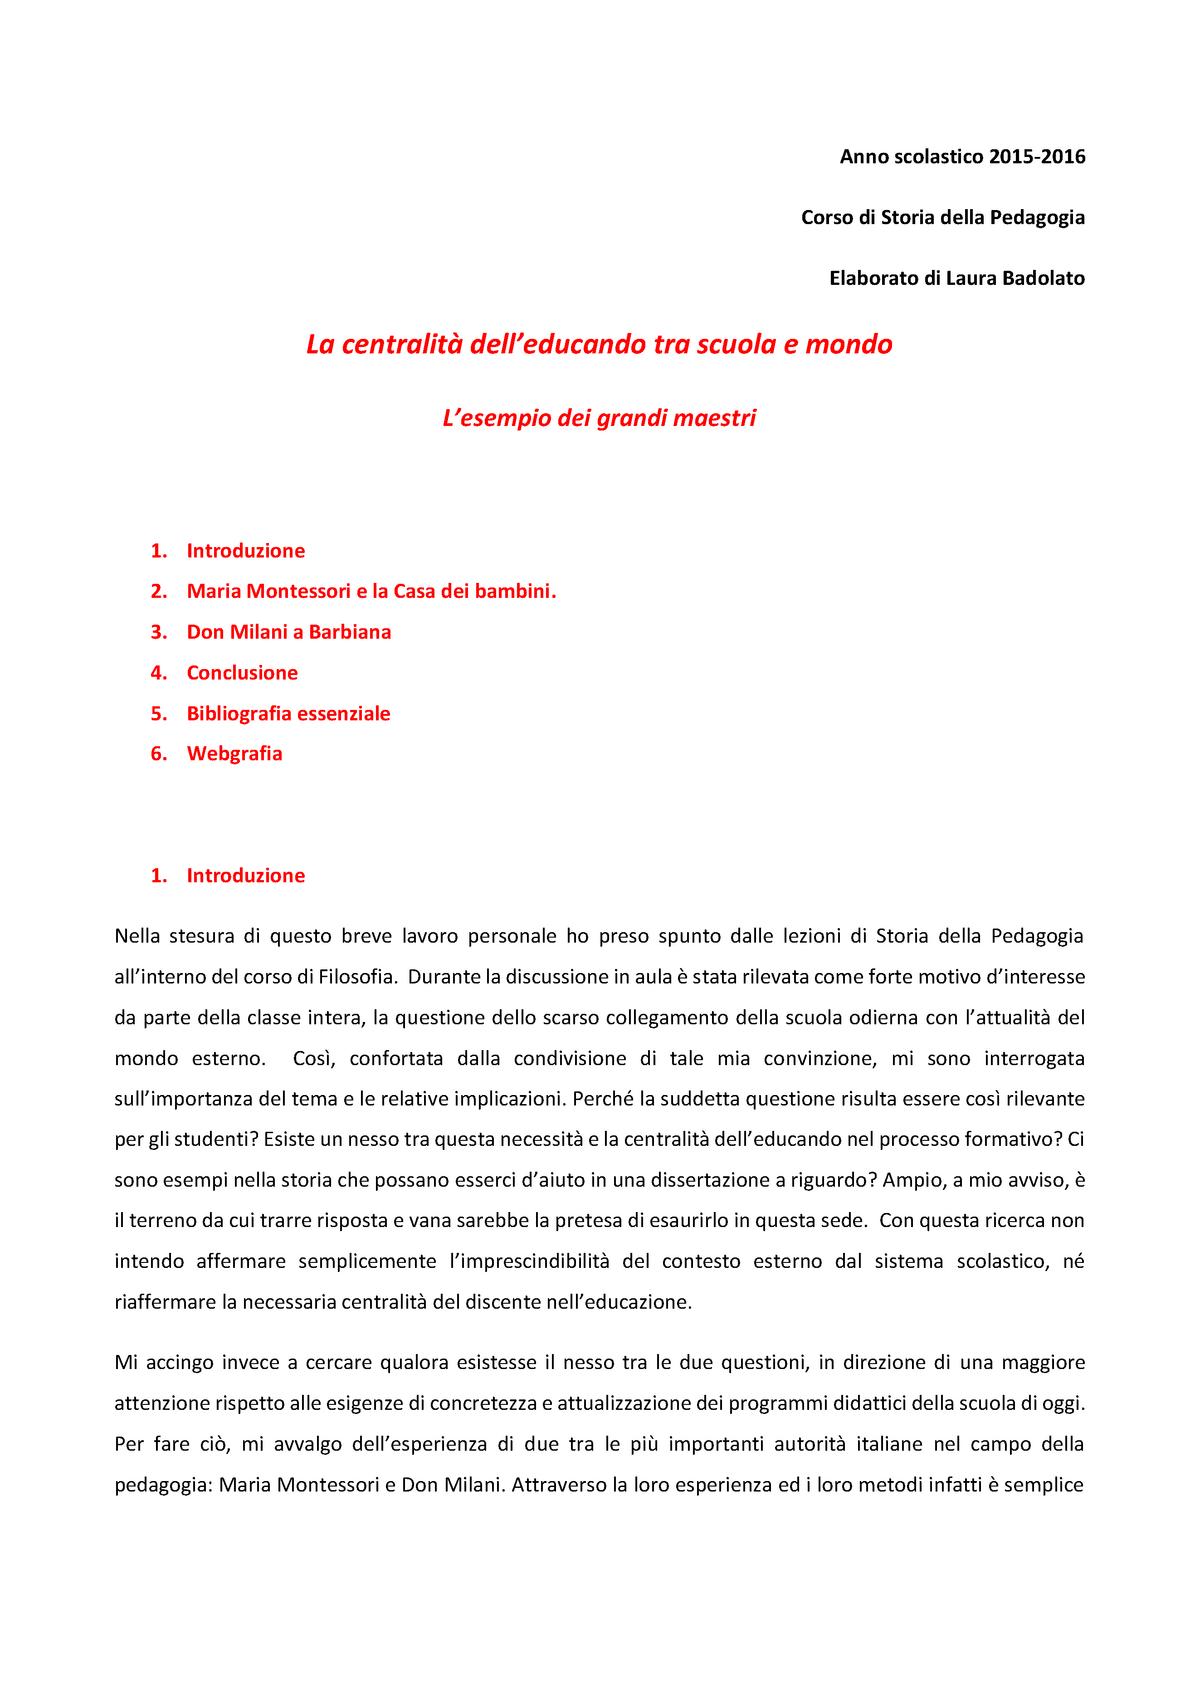 Tesina Montessori Grade 8 Storia Della Pedagogia Lm